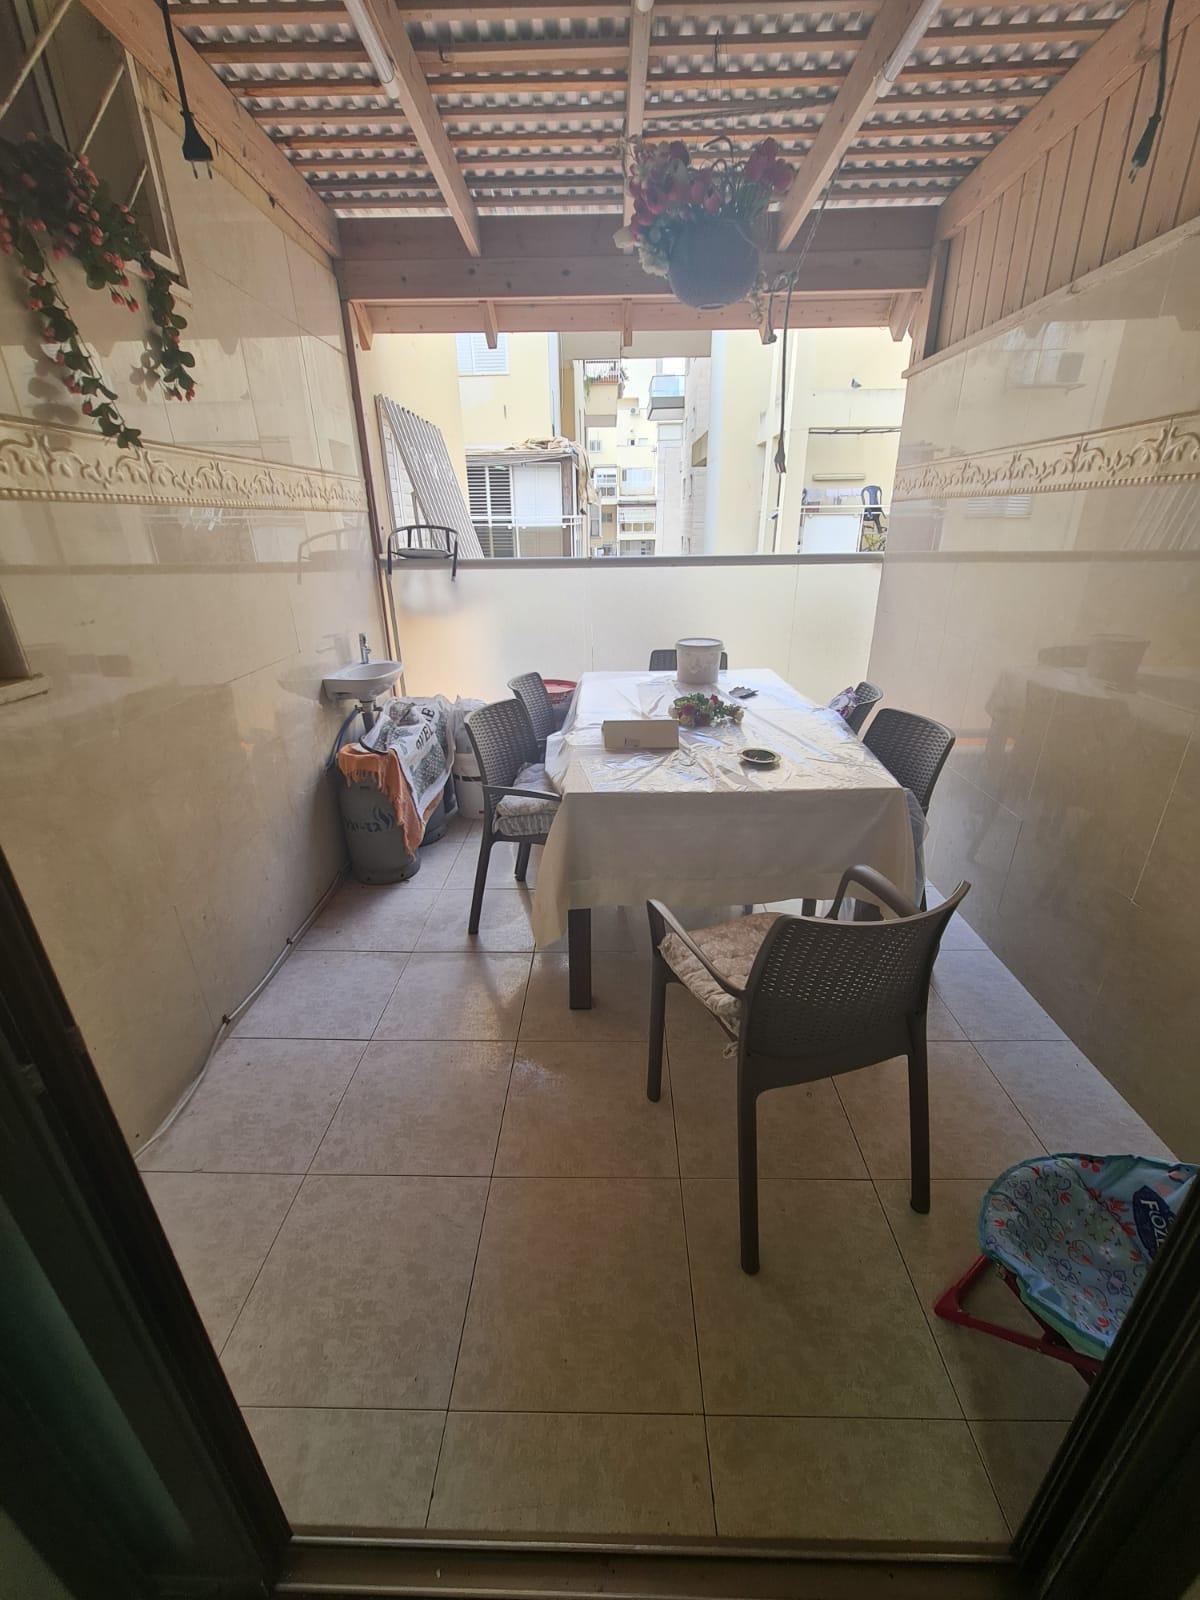 למכירה 5 חדרים עם מרפסת שמש מעלית וחניה ברחוב הרב צבי יהודה בת ים שכונת רמת הנשיא